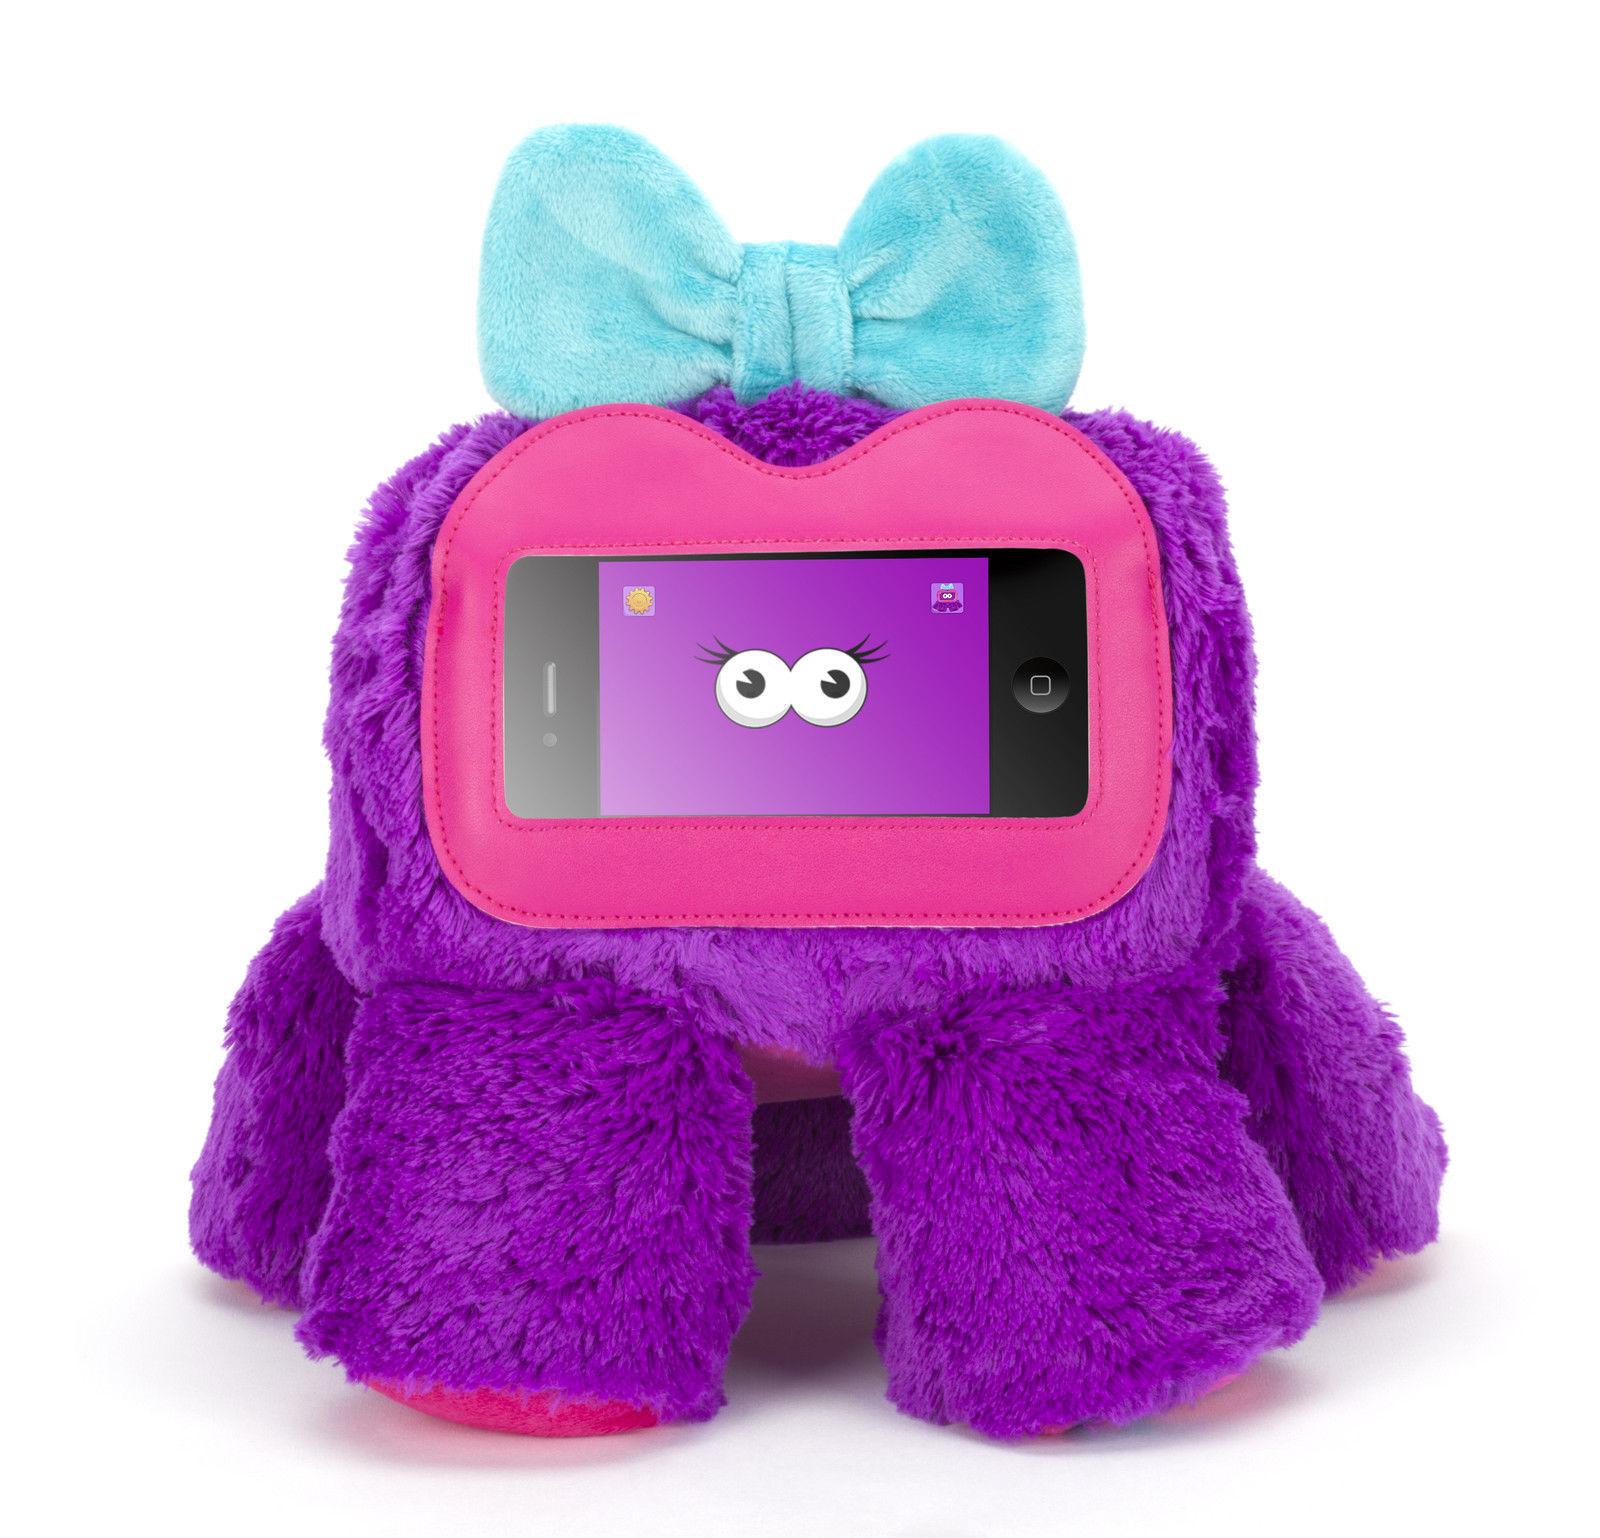 Top 10 Best iPod 5 Cases : eBay